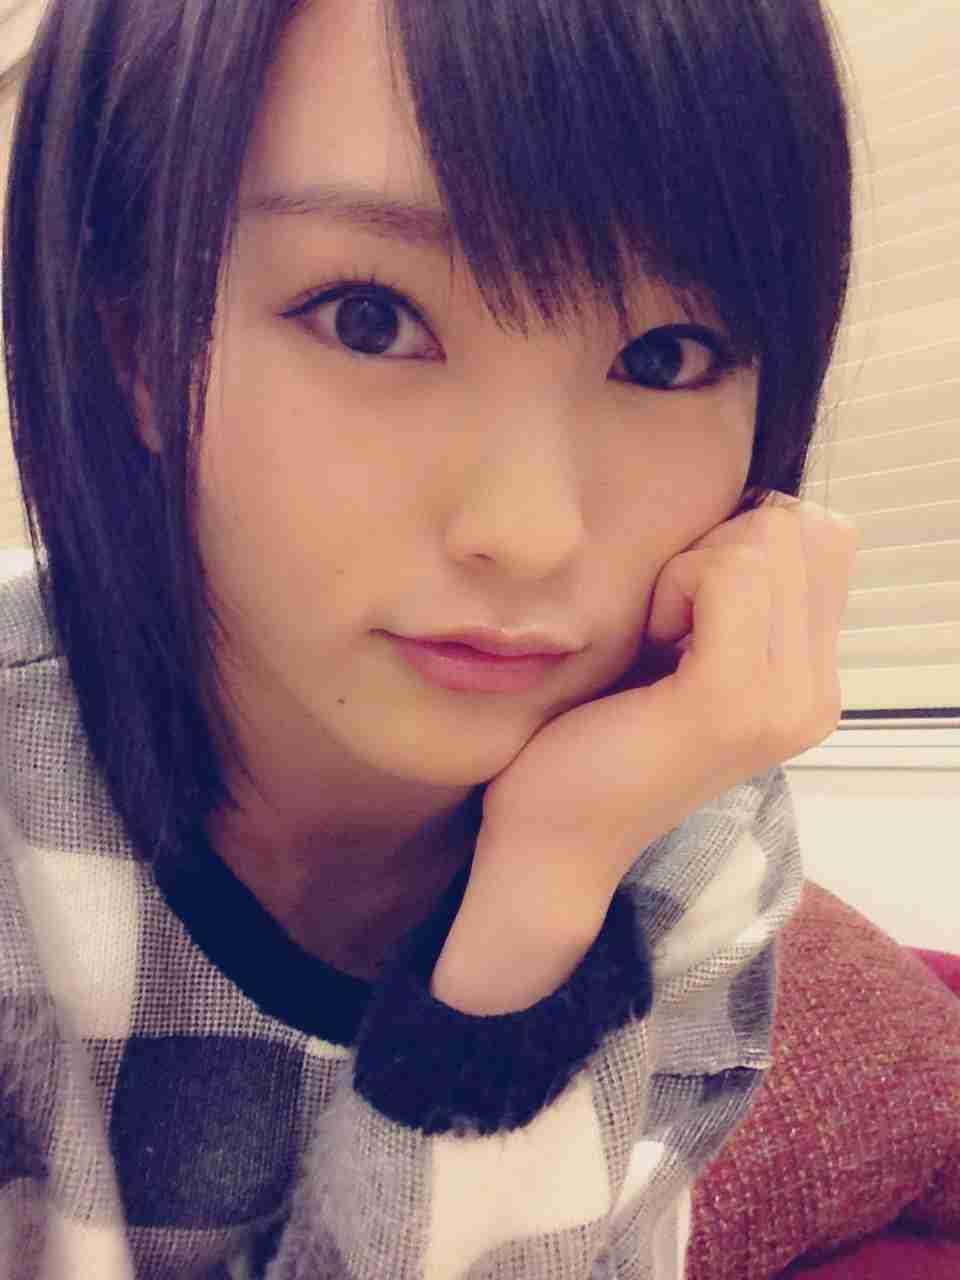 【閲覧微注意】NMB48山本彩の写真集に宮迫博之と村本大輔が衝撃。「感動したッ」「エッッロ!」